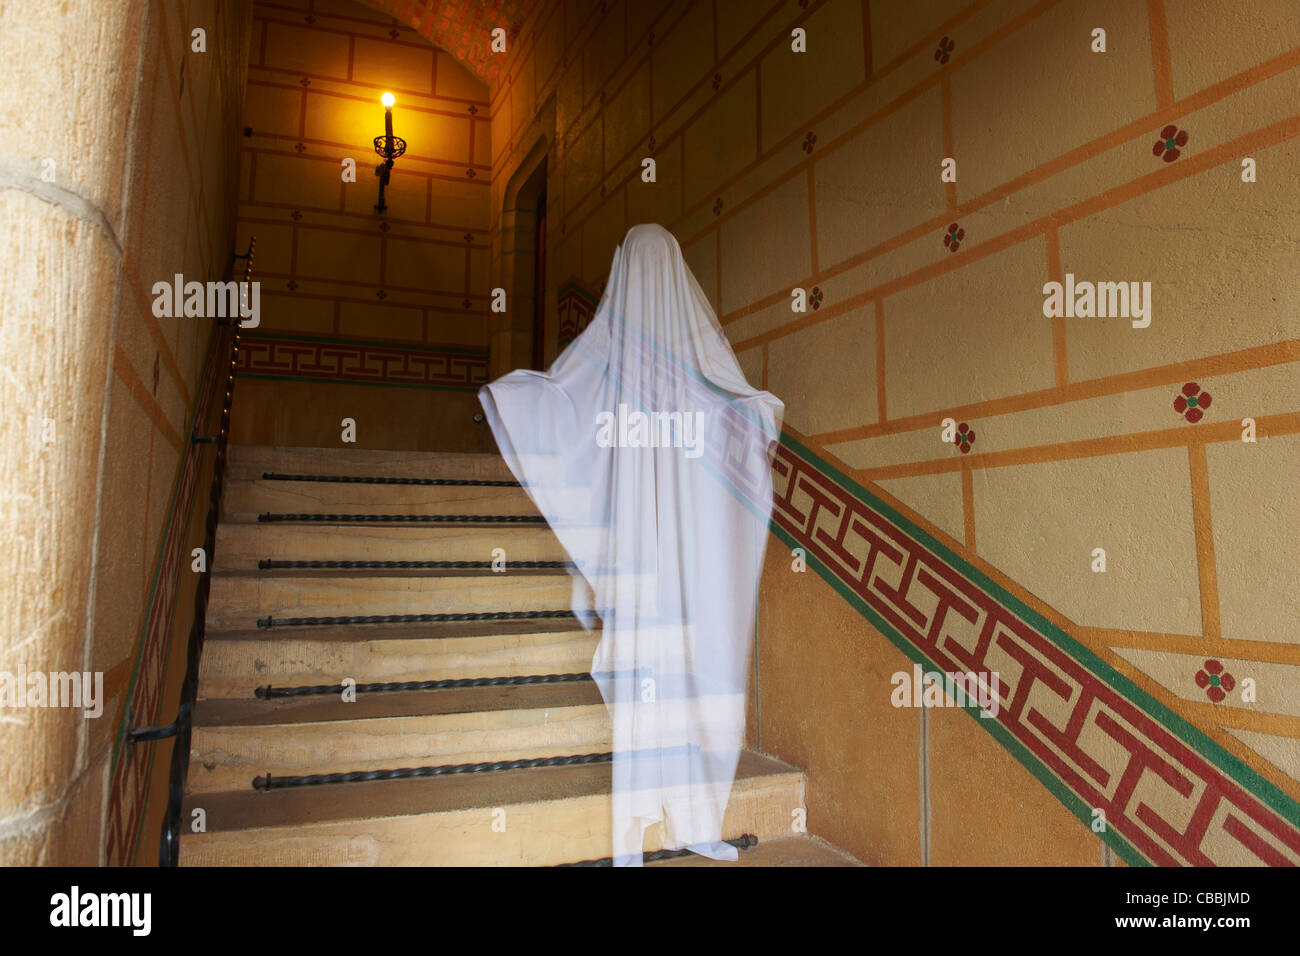 Gespenst schwebt auf verzierten Treppe Stockbild